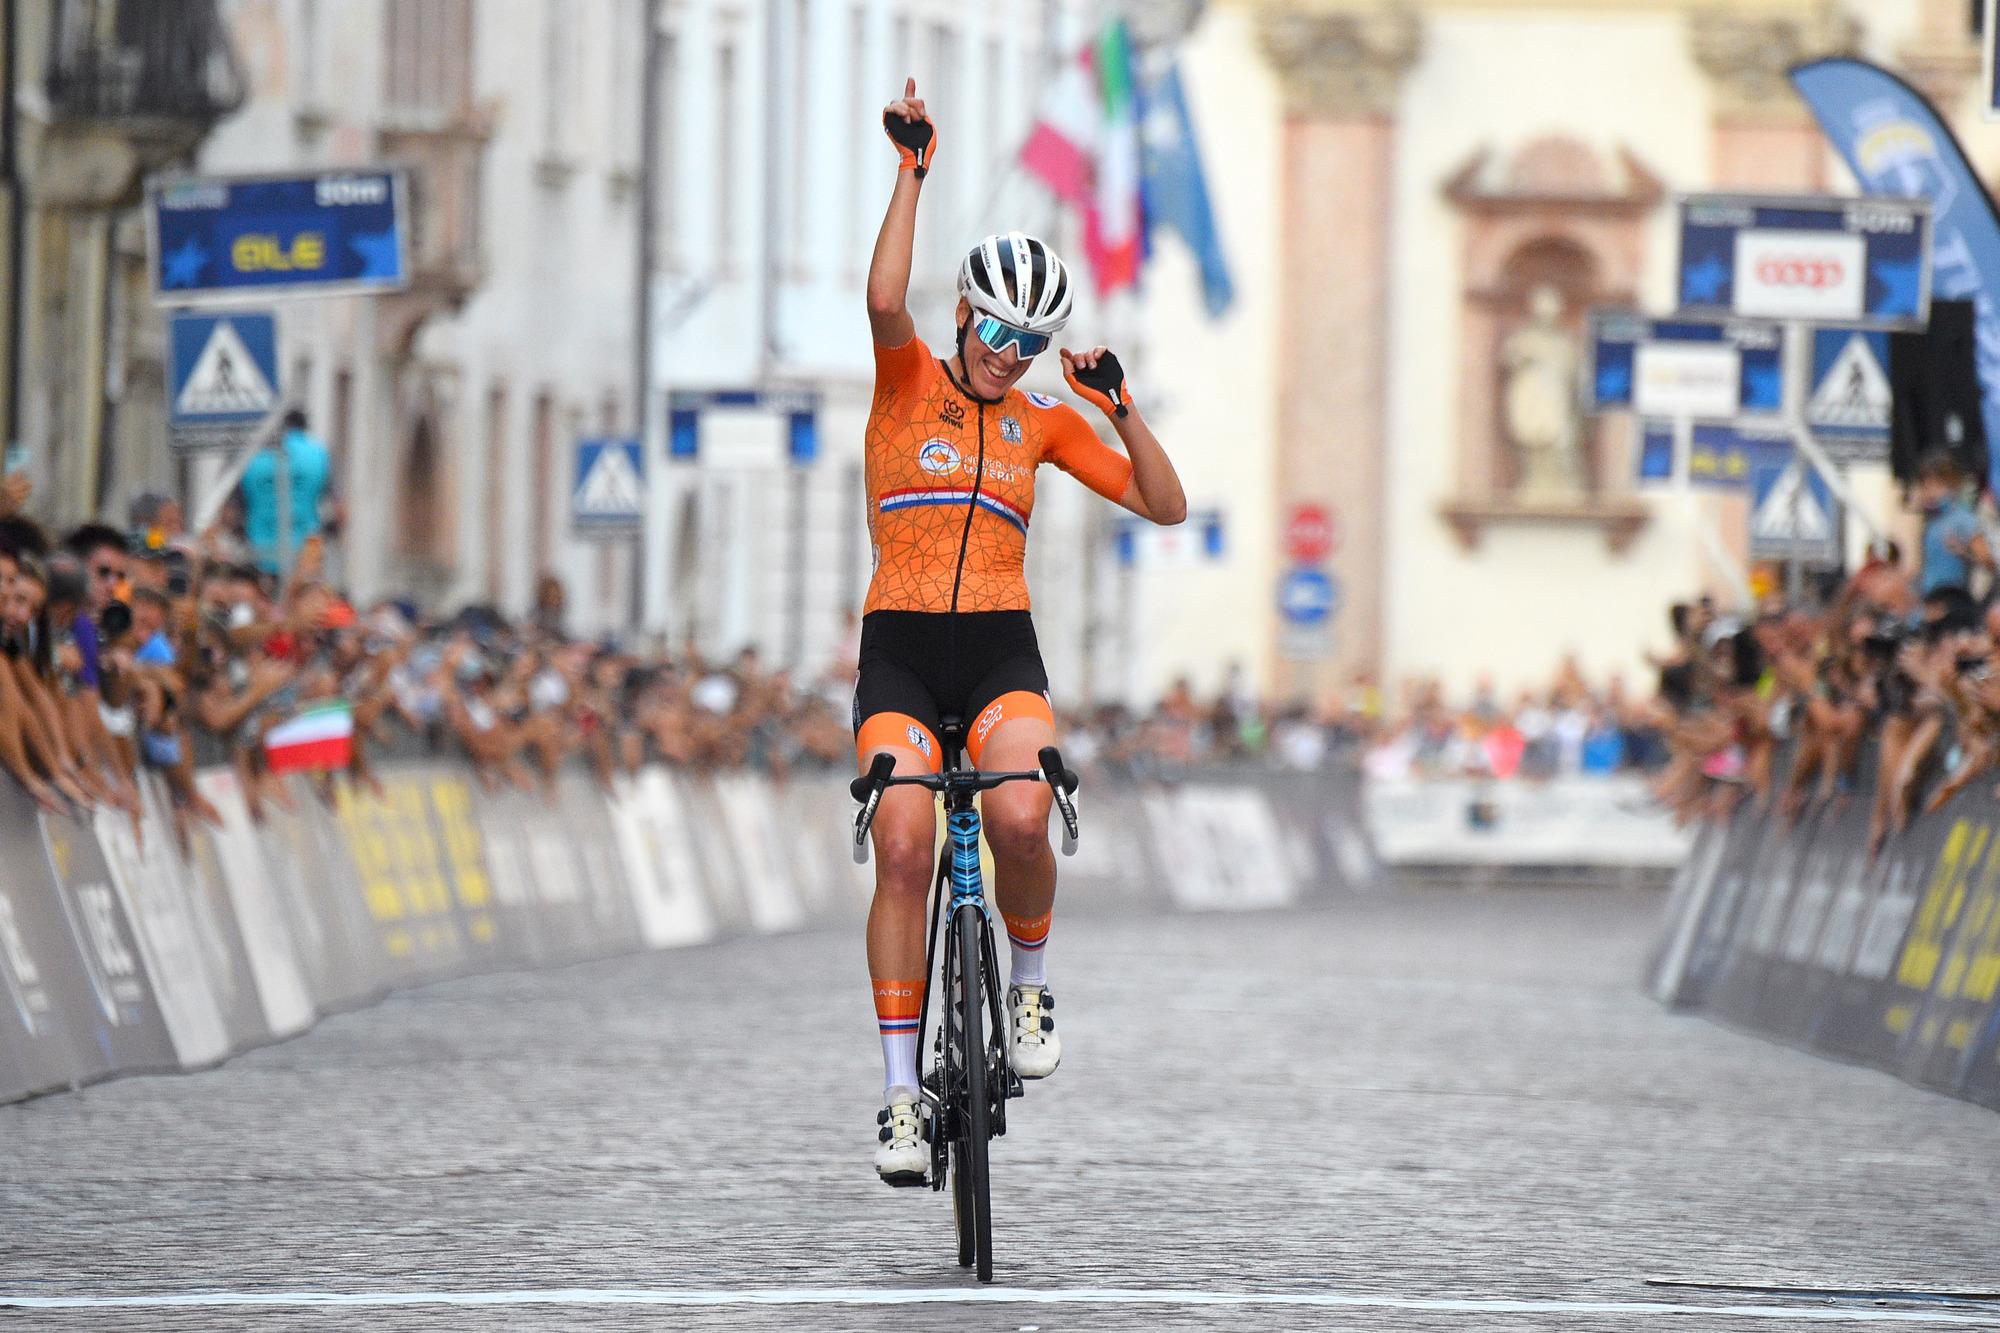 Ellen van Dijk celebrates her European Championship win